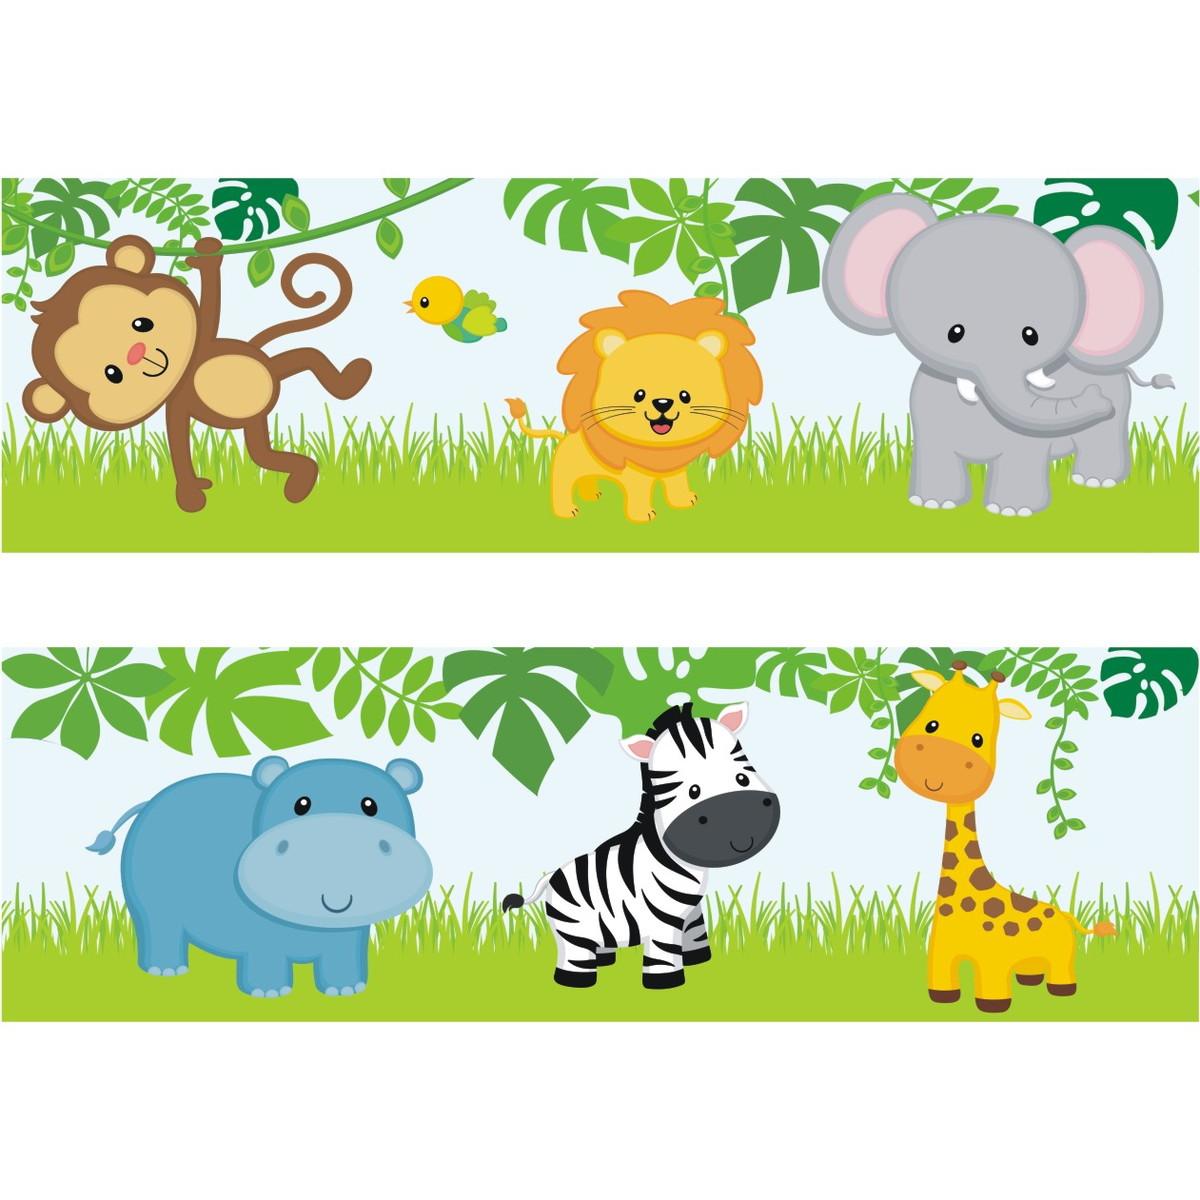 Adesivo Faixa Border Kit Zoo Safari M33 Quartinhodecorado Elo7 ~ Paredes De Gesso Para Quarto E Quarto De Bebe Floresta